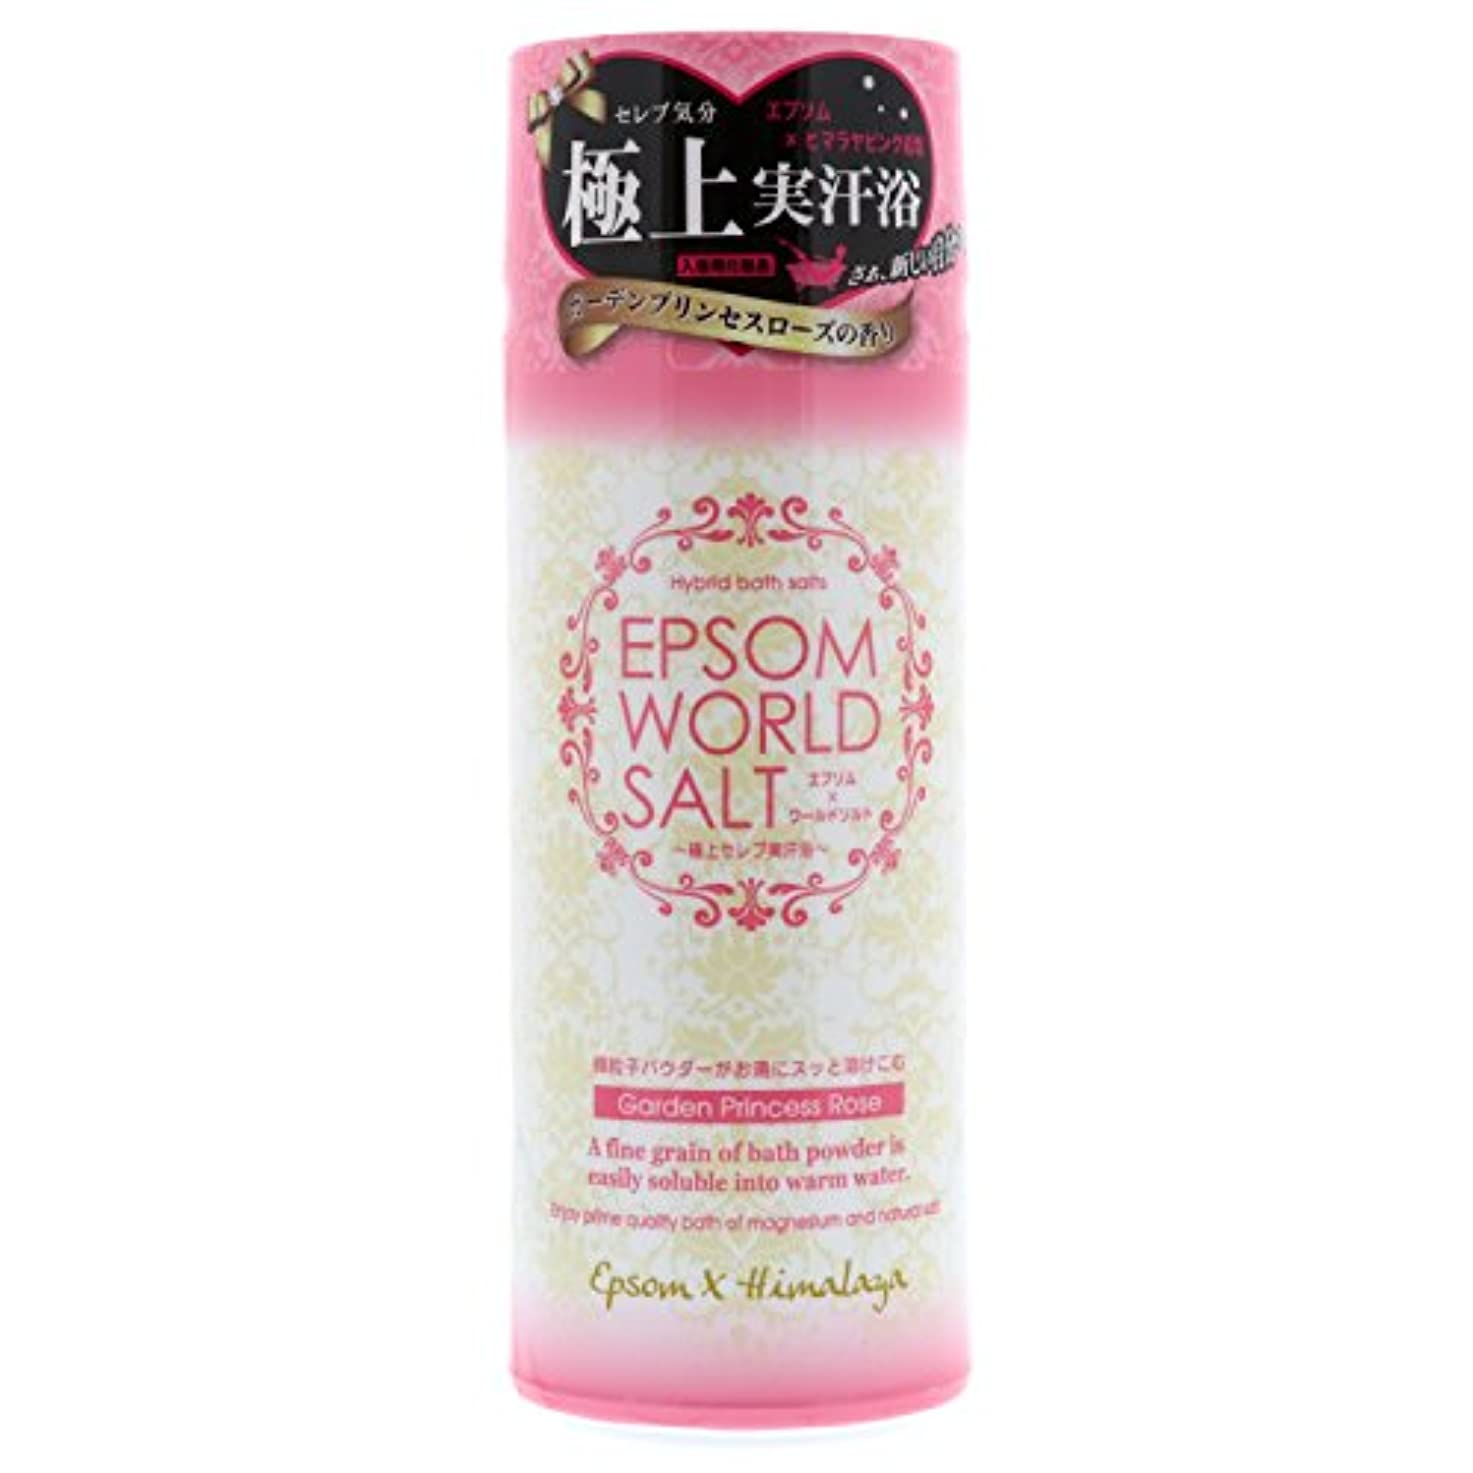 挑む以下嬉しいですエプソムワールドソルト ガーデンプリンセスローズの香り ボトル 500g